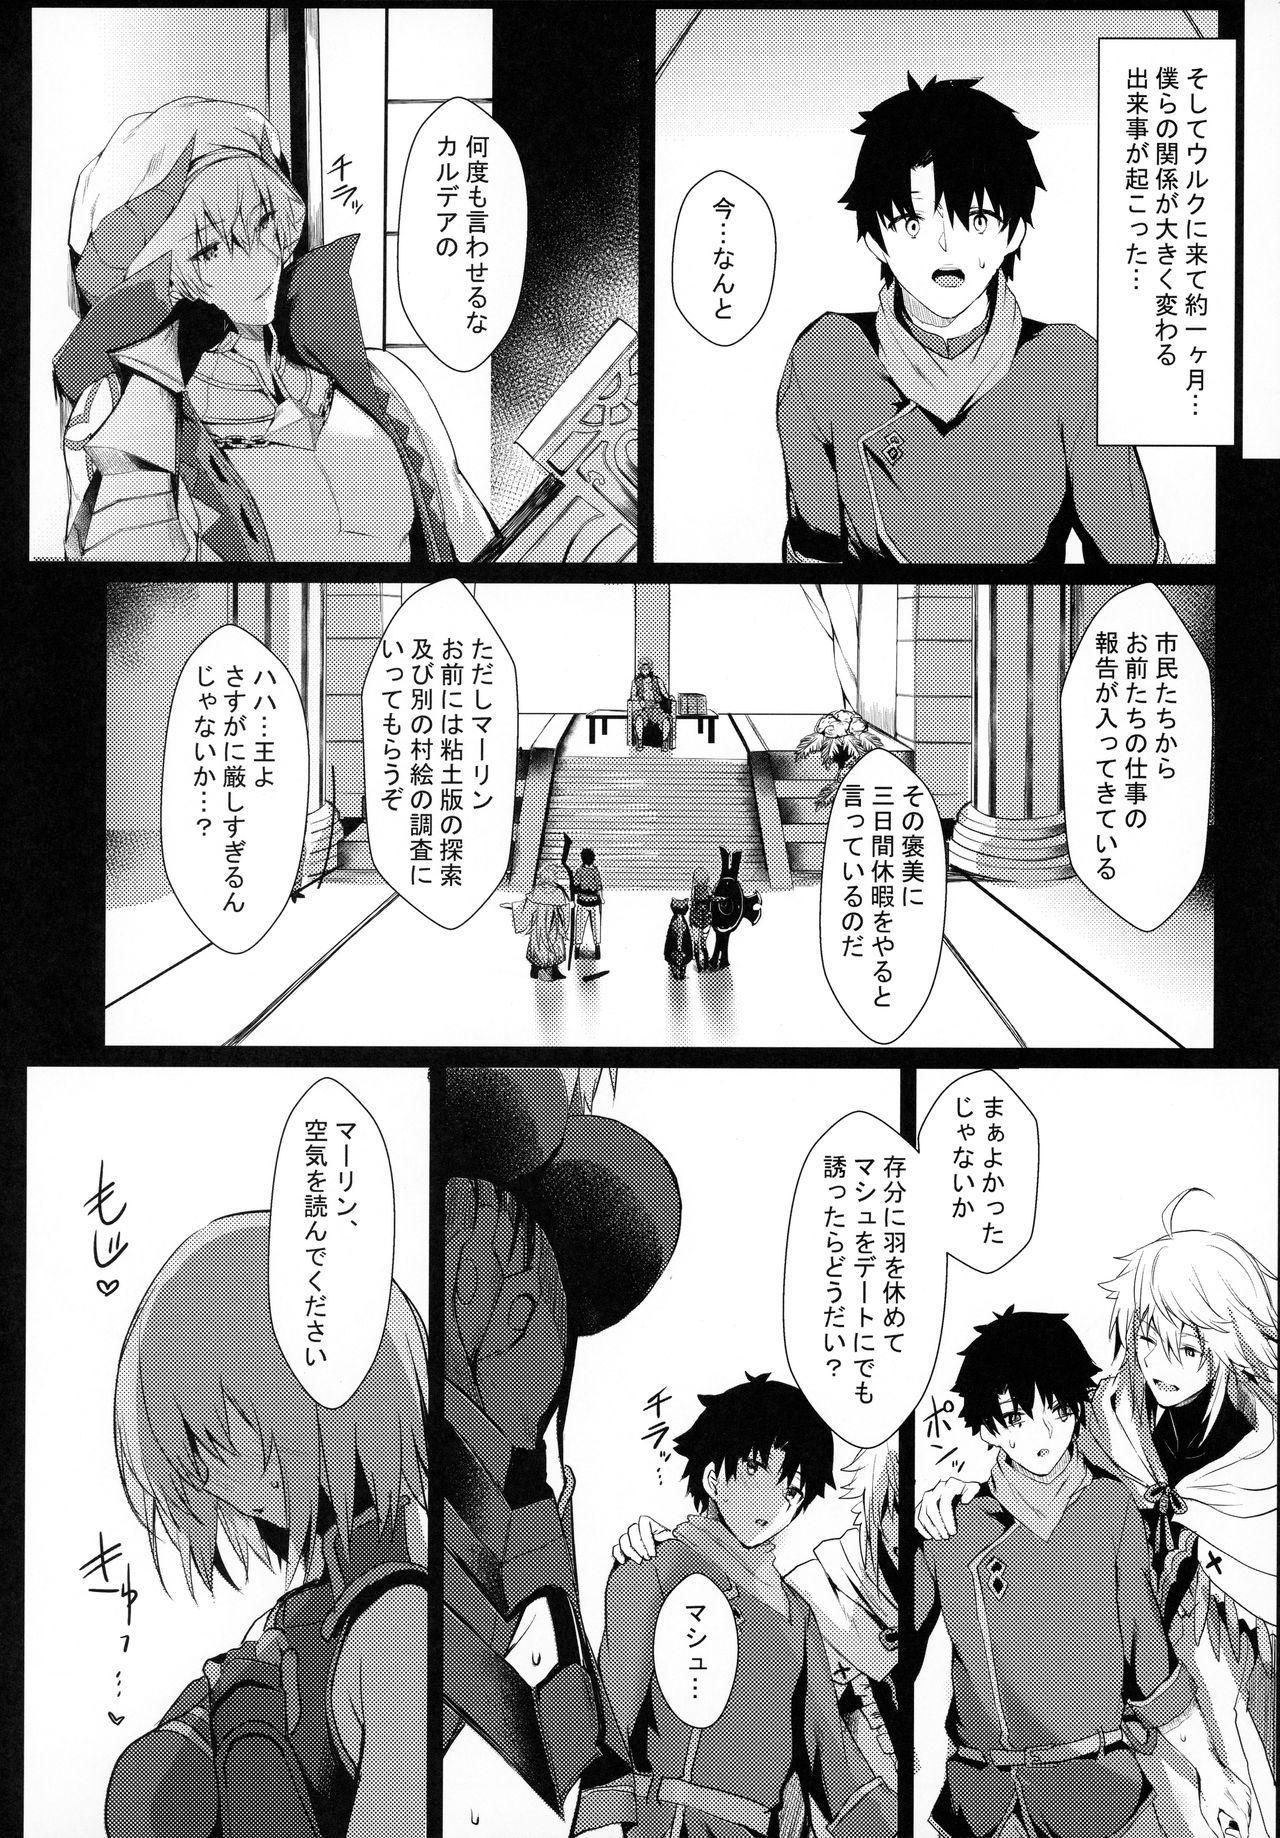 Mash to Shitekita Kakushigoto 13